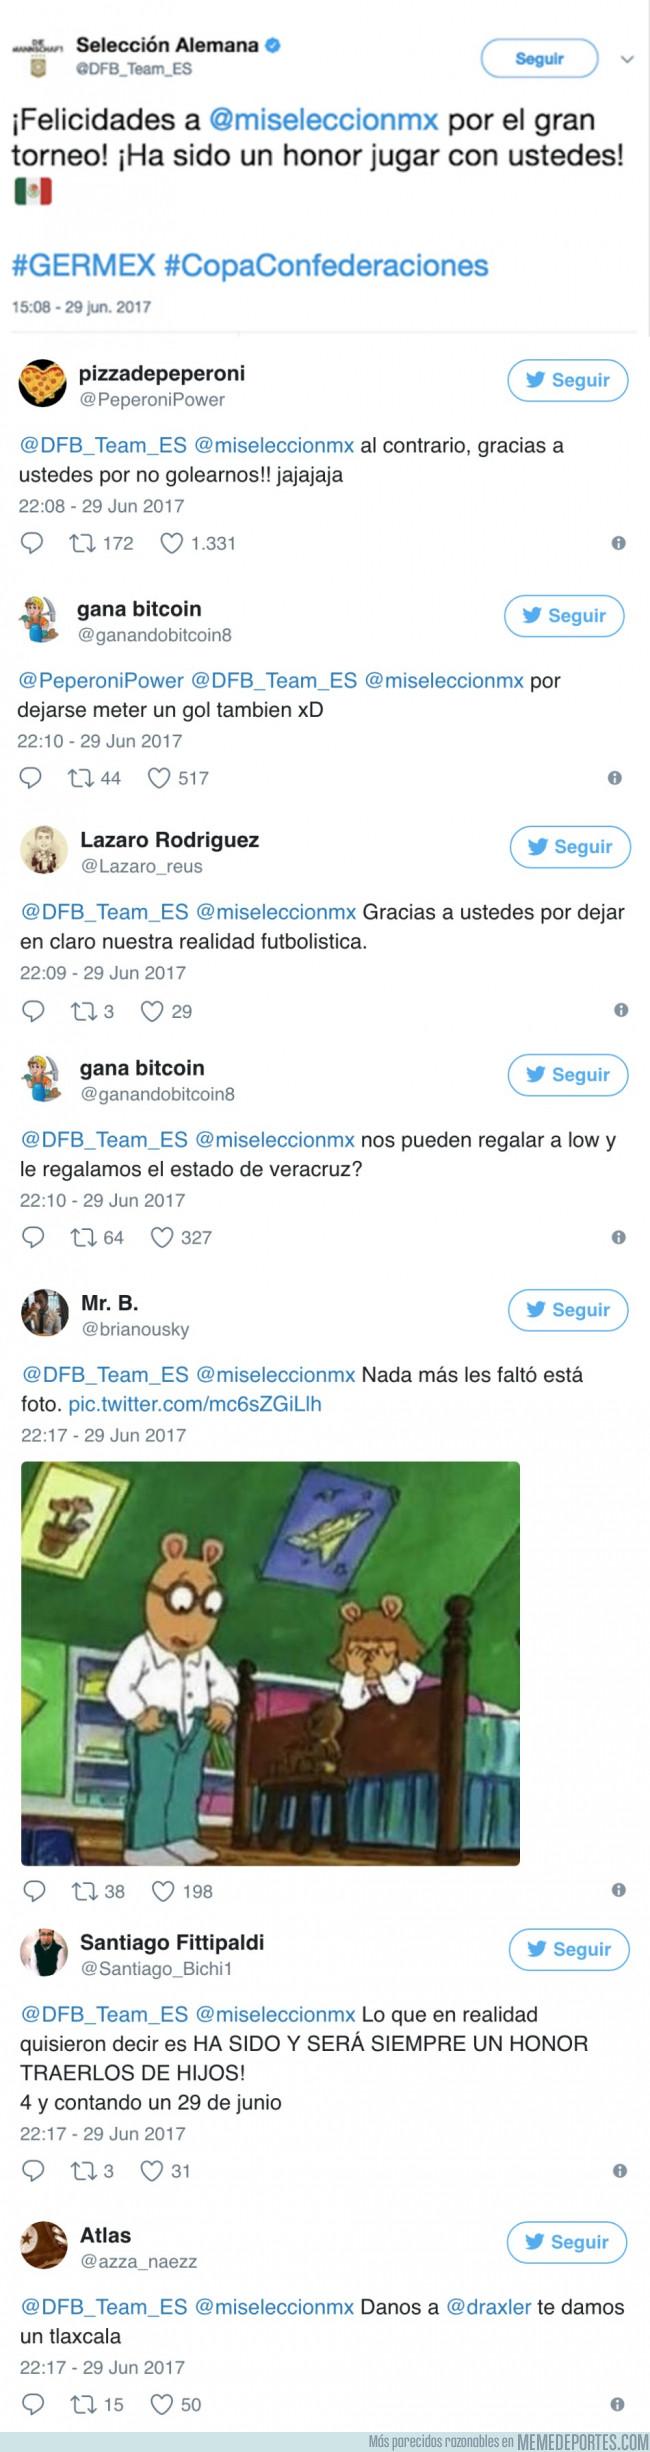 984787 - Alemania felicita a México en Twitter y los mexicanos contestaron con joyas